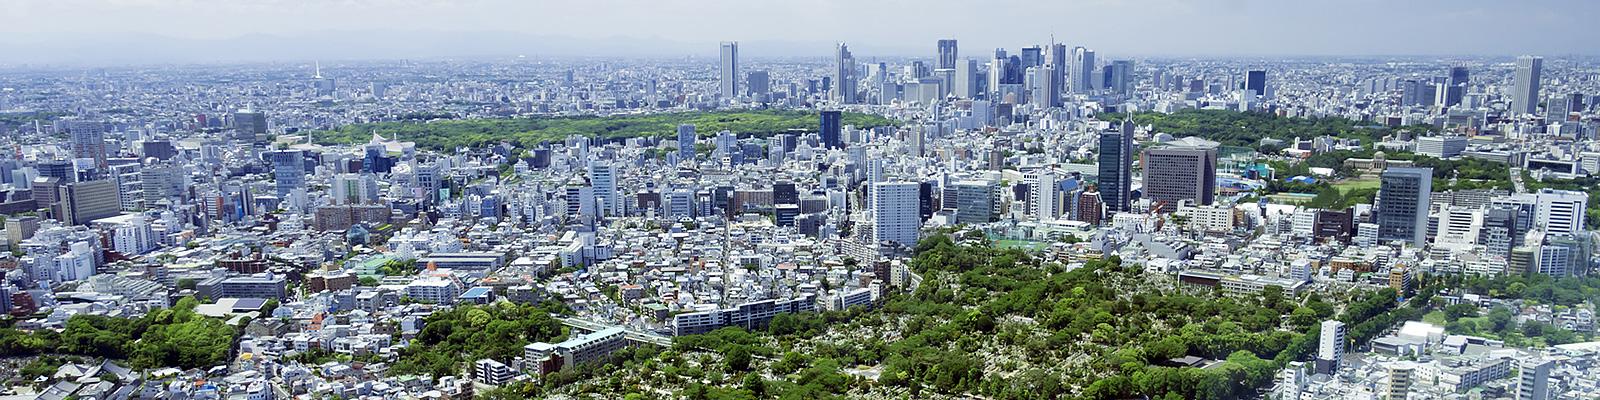 東京 公園 鳥瞰